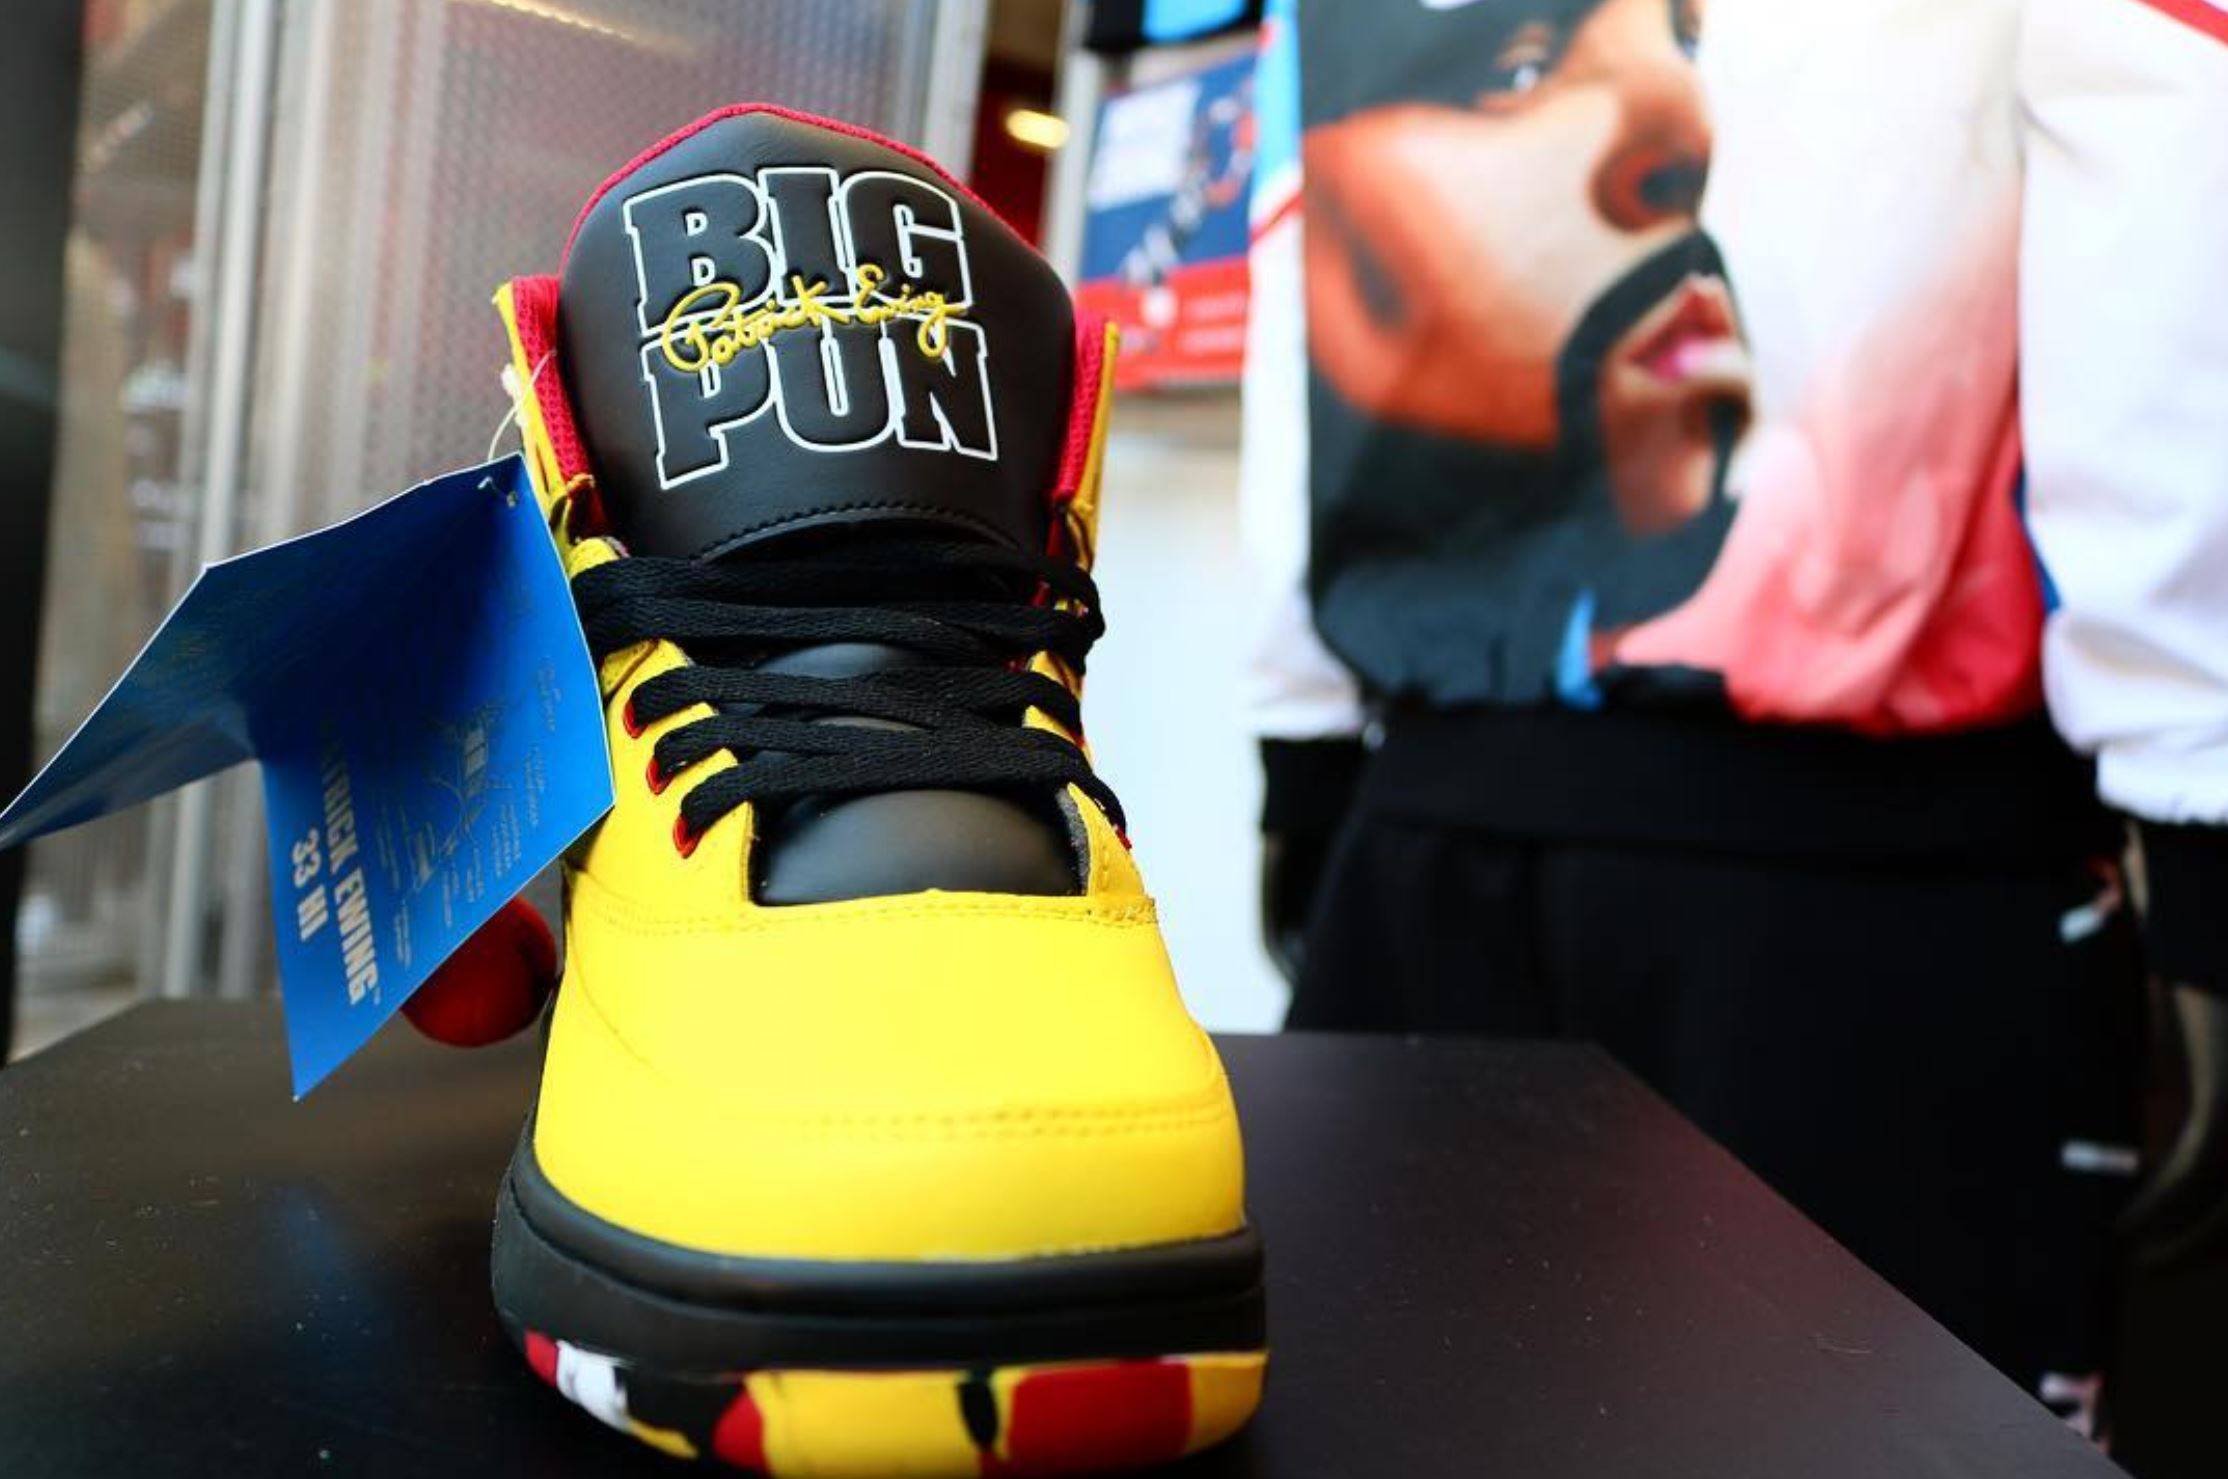 ewing big pun sneaker release bx sports 1